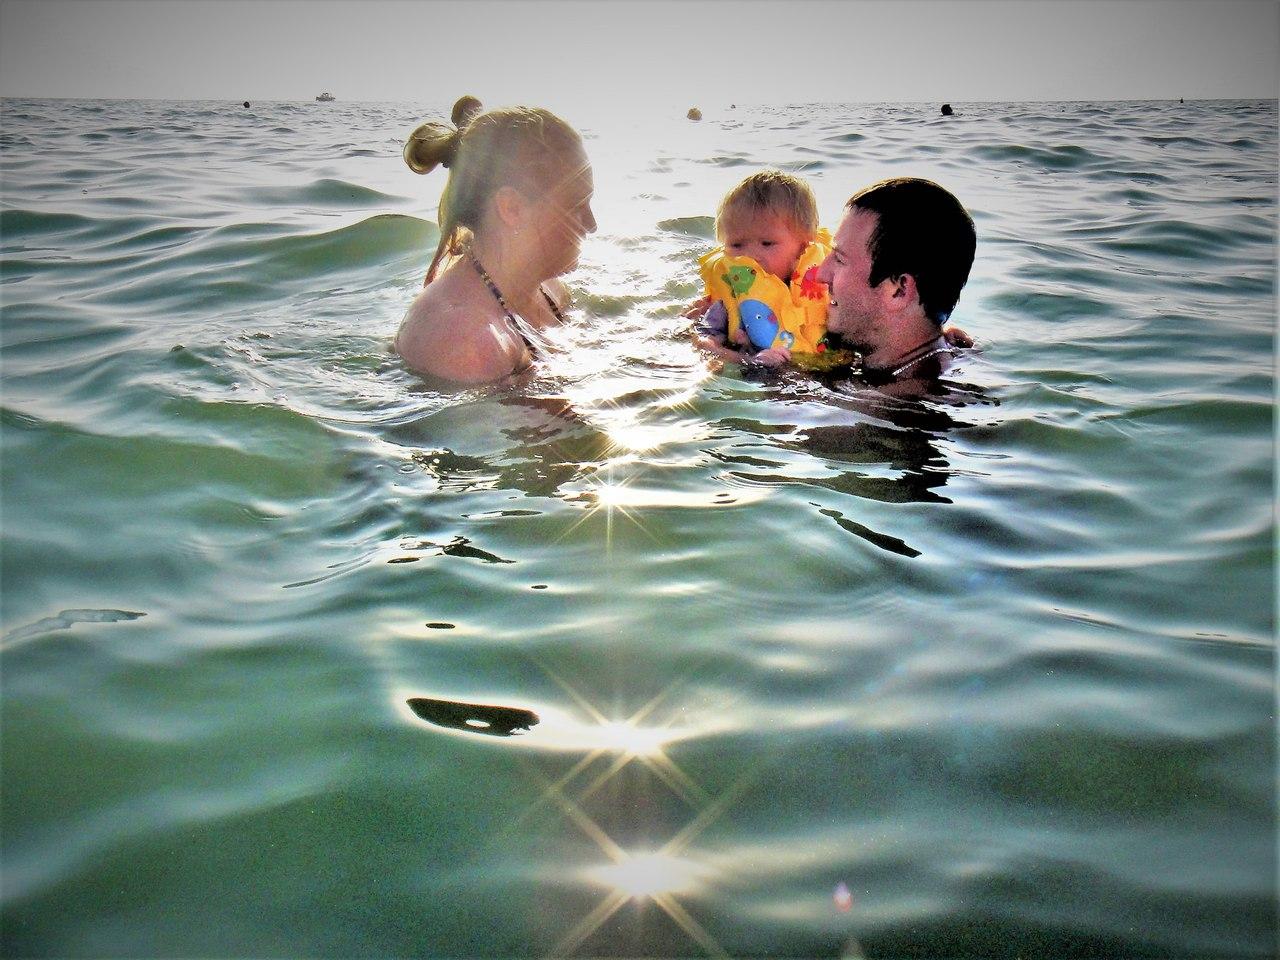 семья, море, отпуск, счастье, Лоо, ребенок в спасике